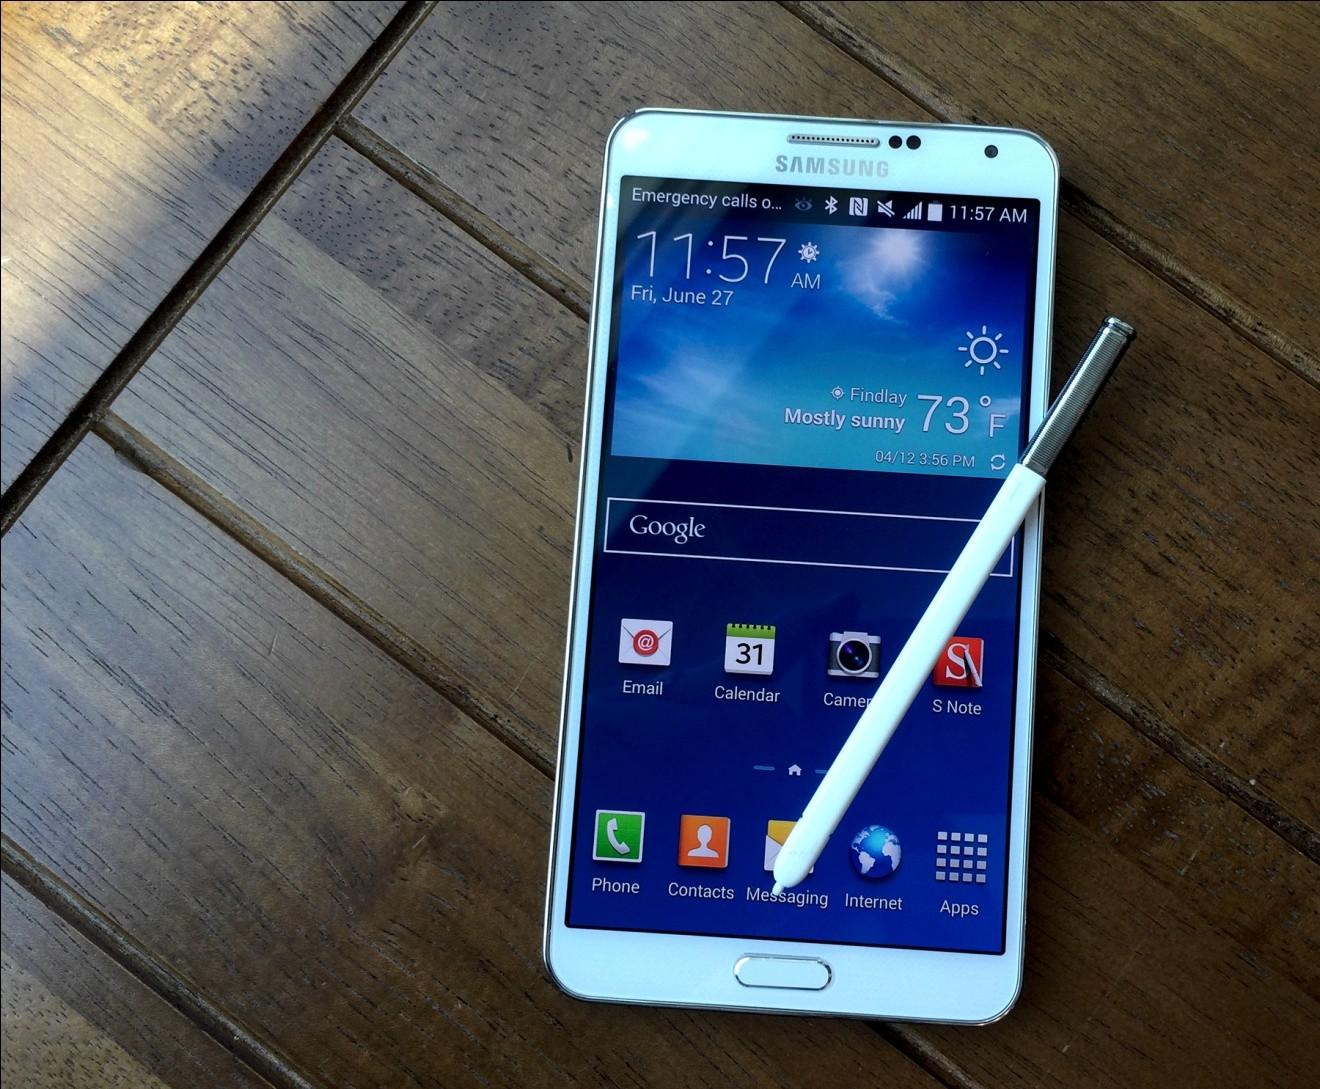 samsung galaxy note 4 - Samsung chính thức trả lời về lỗi khe hở trên Galaxy Note 4